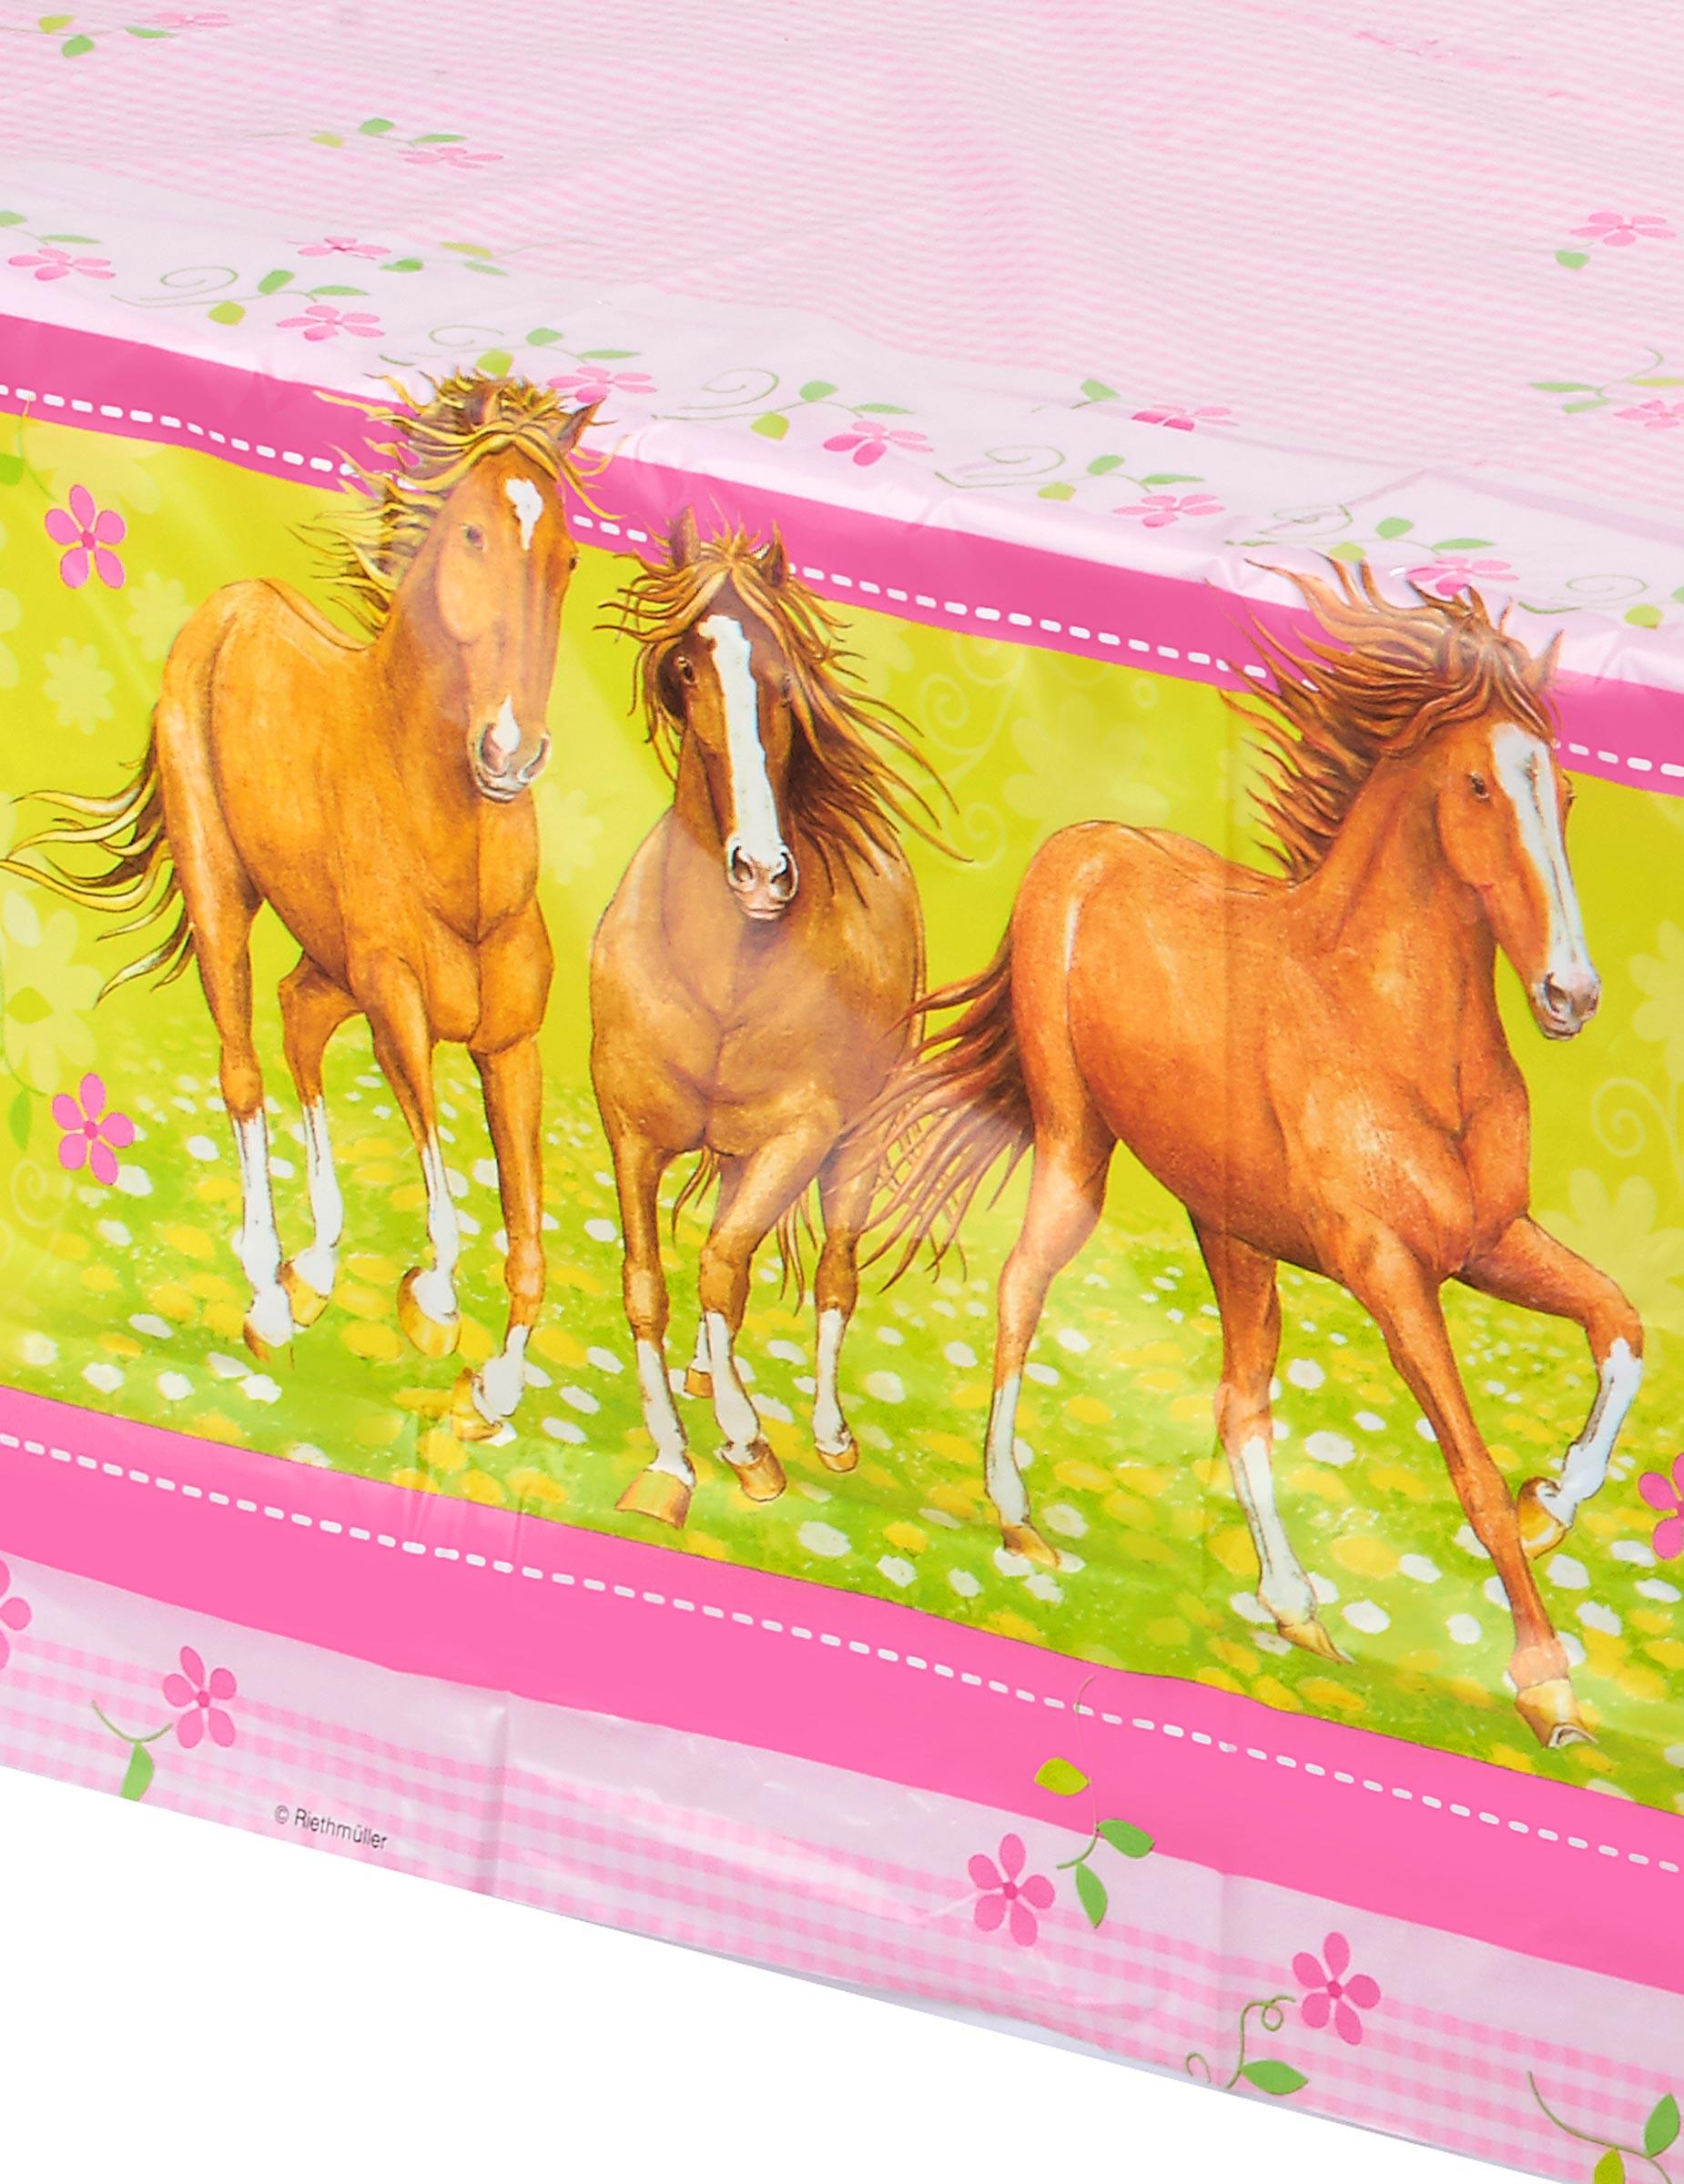 tischdecke pferde kindergeburtstag deko hellgr n rosa g nstige faschings partydeko zubeh r. Black Bedroom Furniture Sets. Home Design Ideas